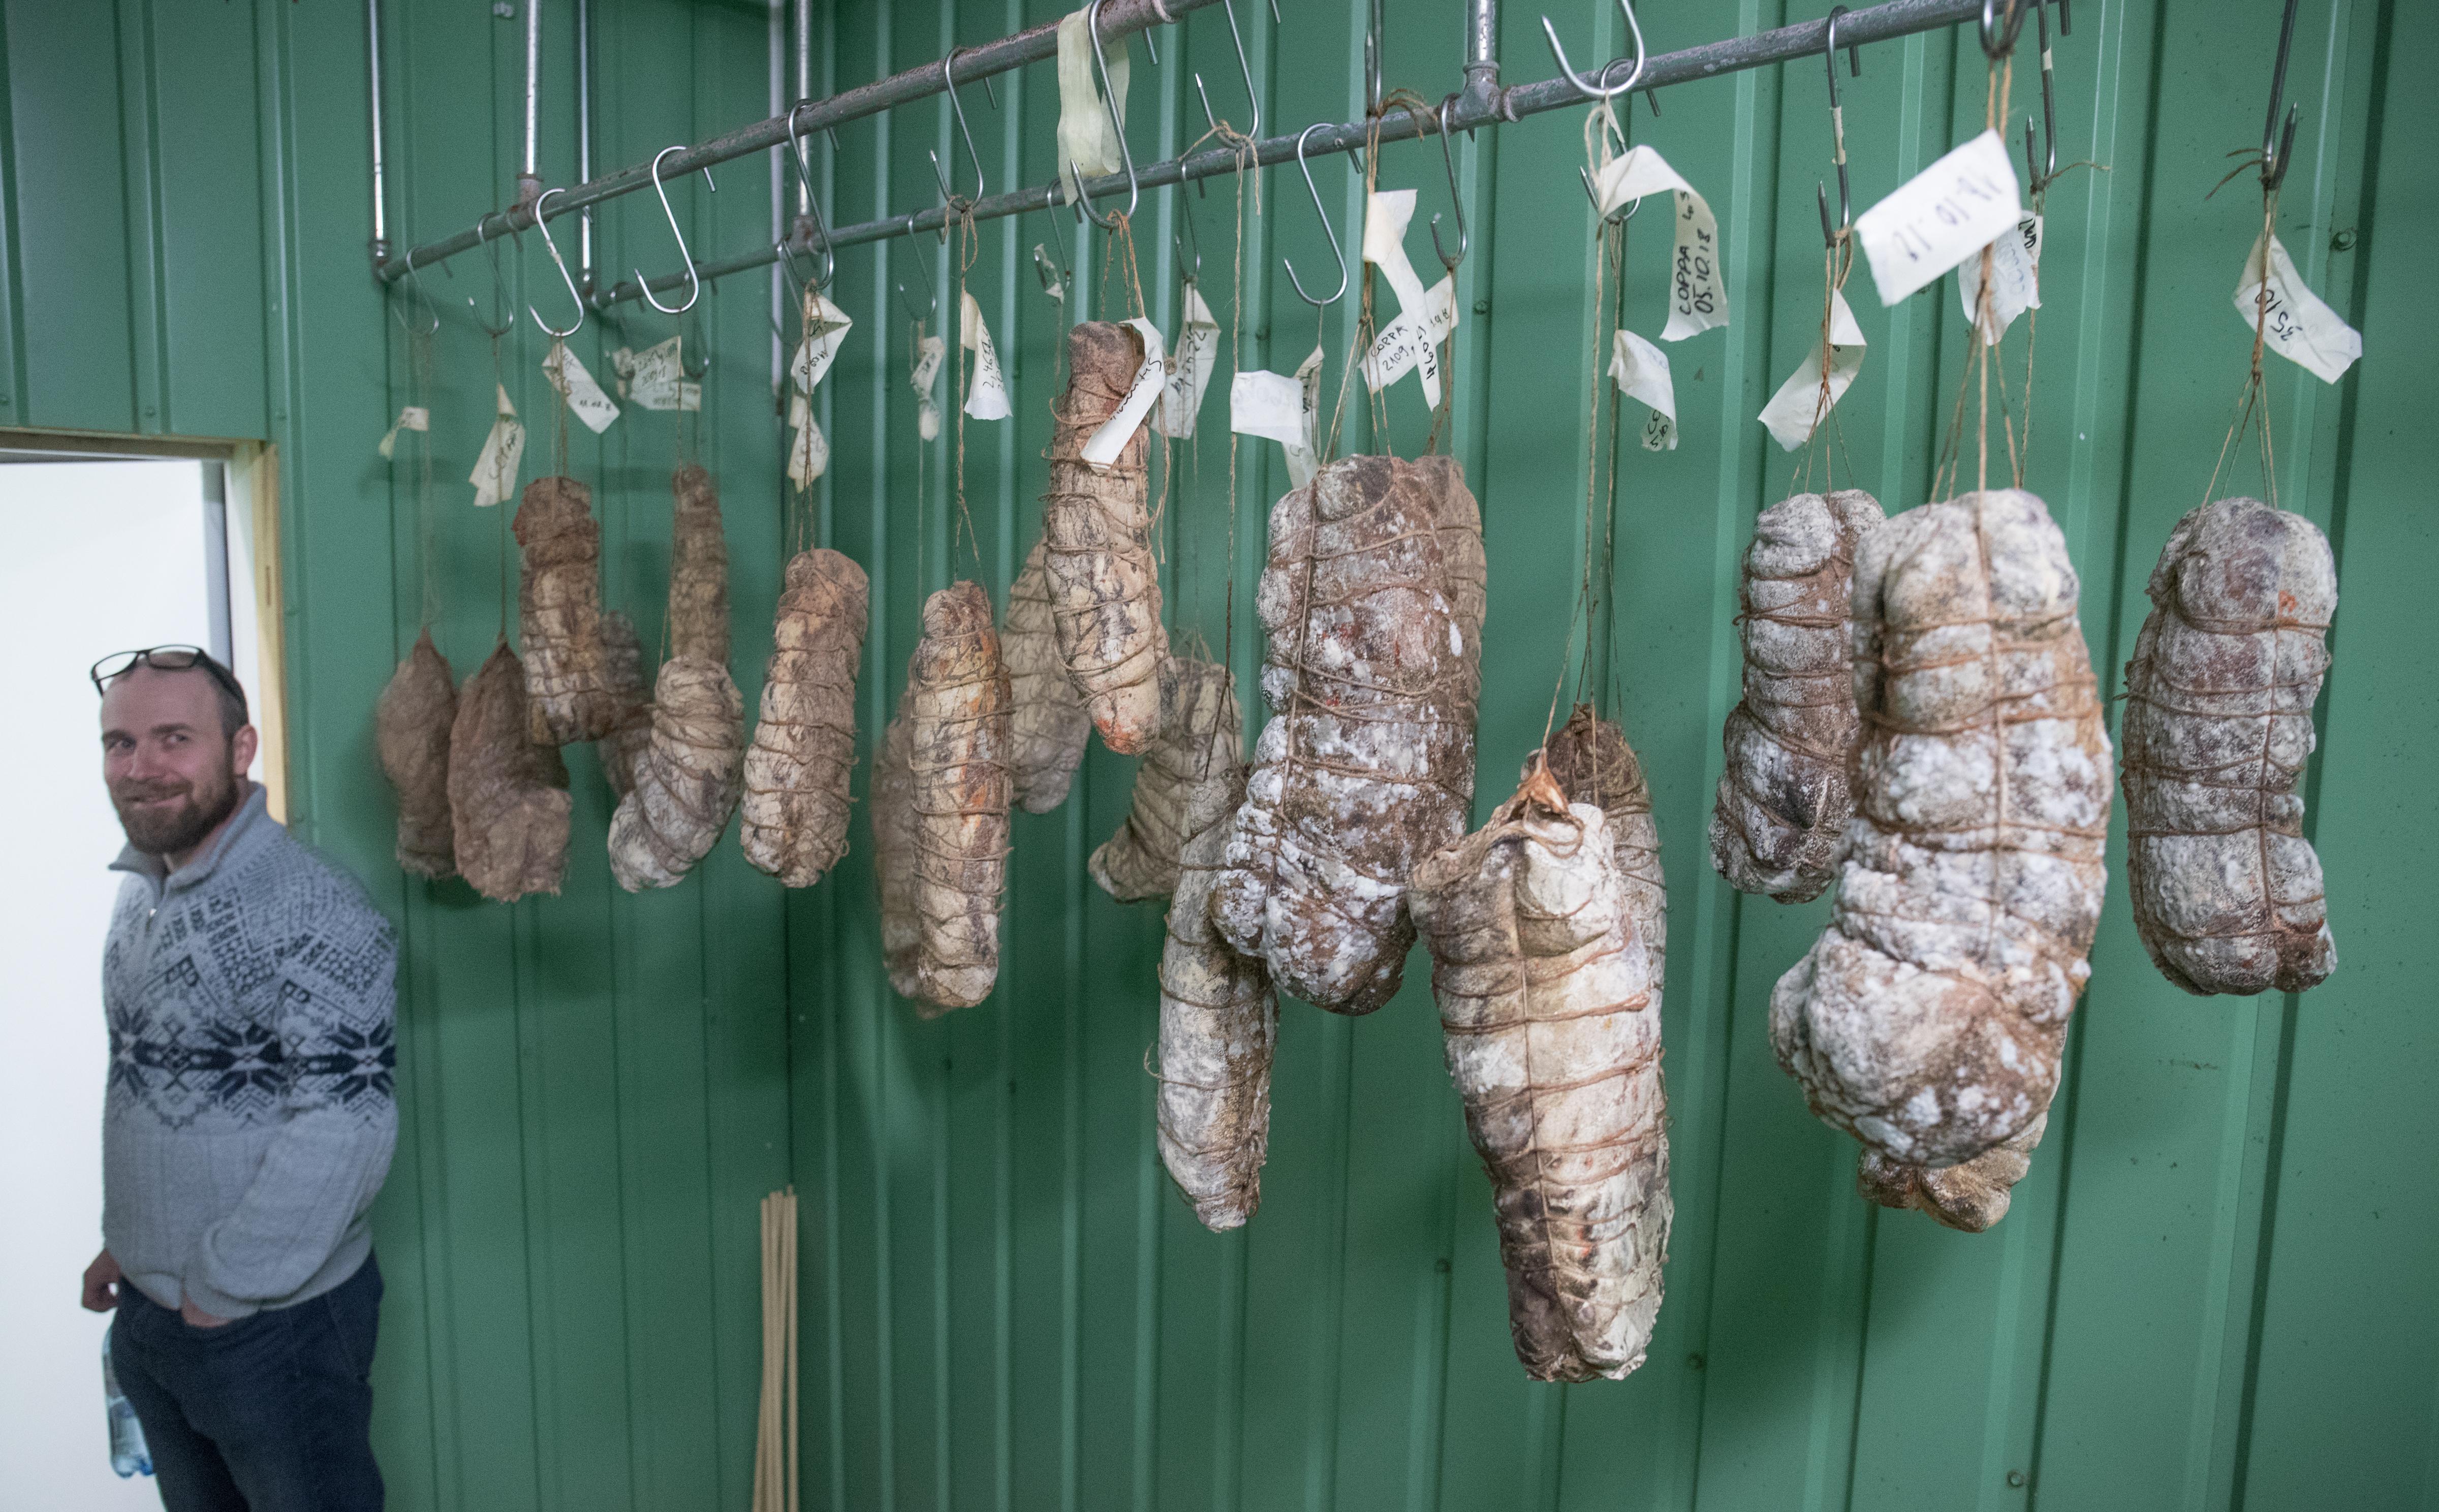 Üks Põhjaka restorani asutajatest Märt Metsallik näitab salaamiruumi Põhjaka tootmishoones